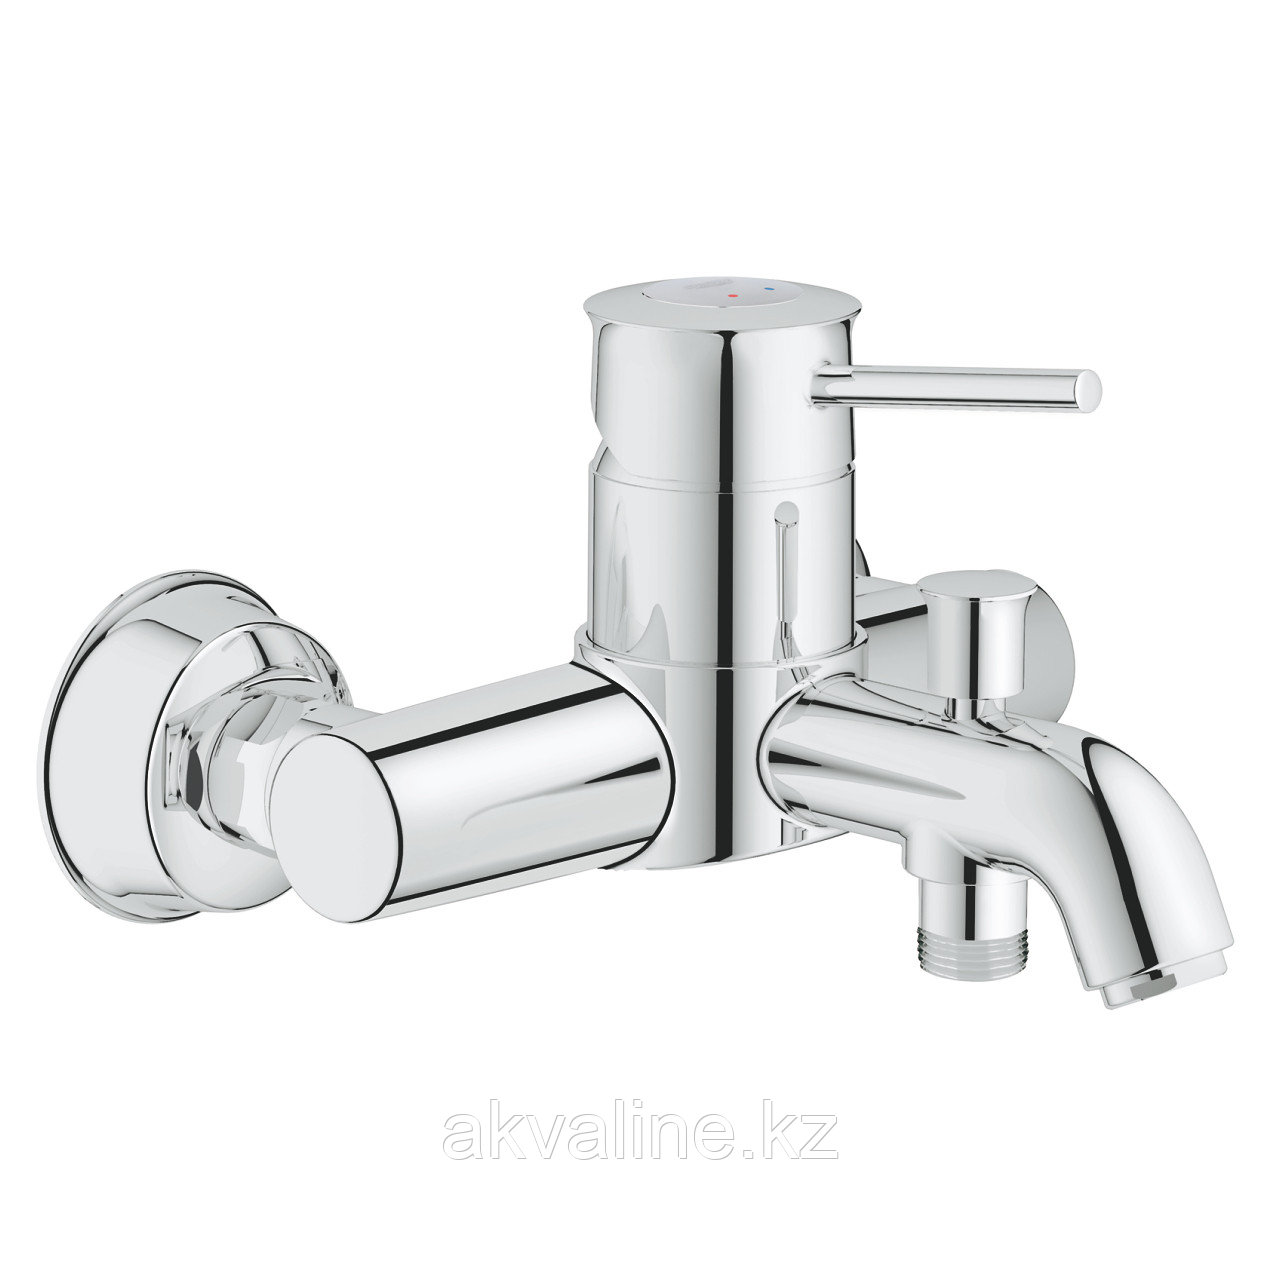 Grohe BauClassic смеситель для ванны однорычажный DN - 15 32865000